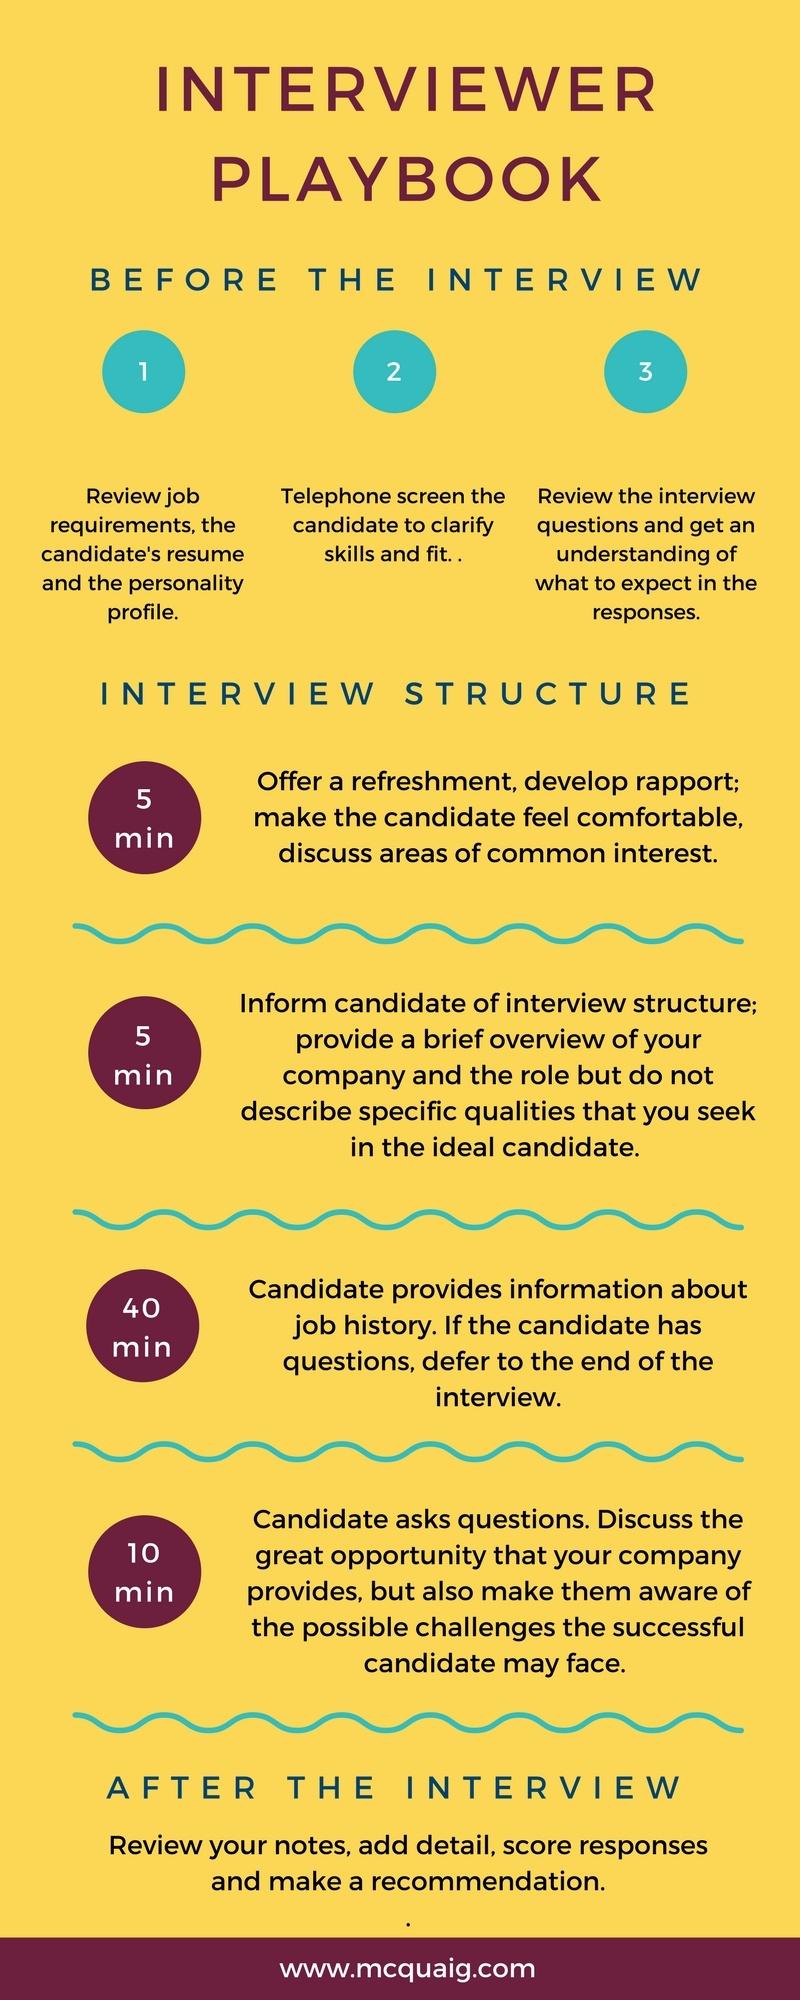 The Interviewer Playbook: A Winning Interview Process Template